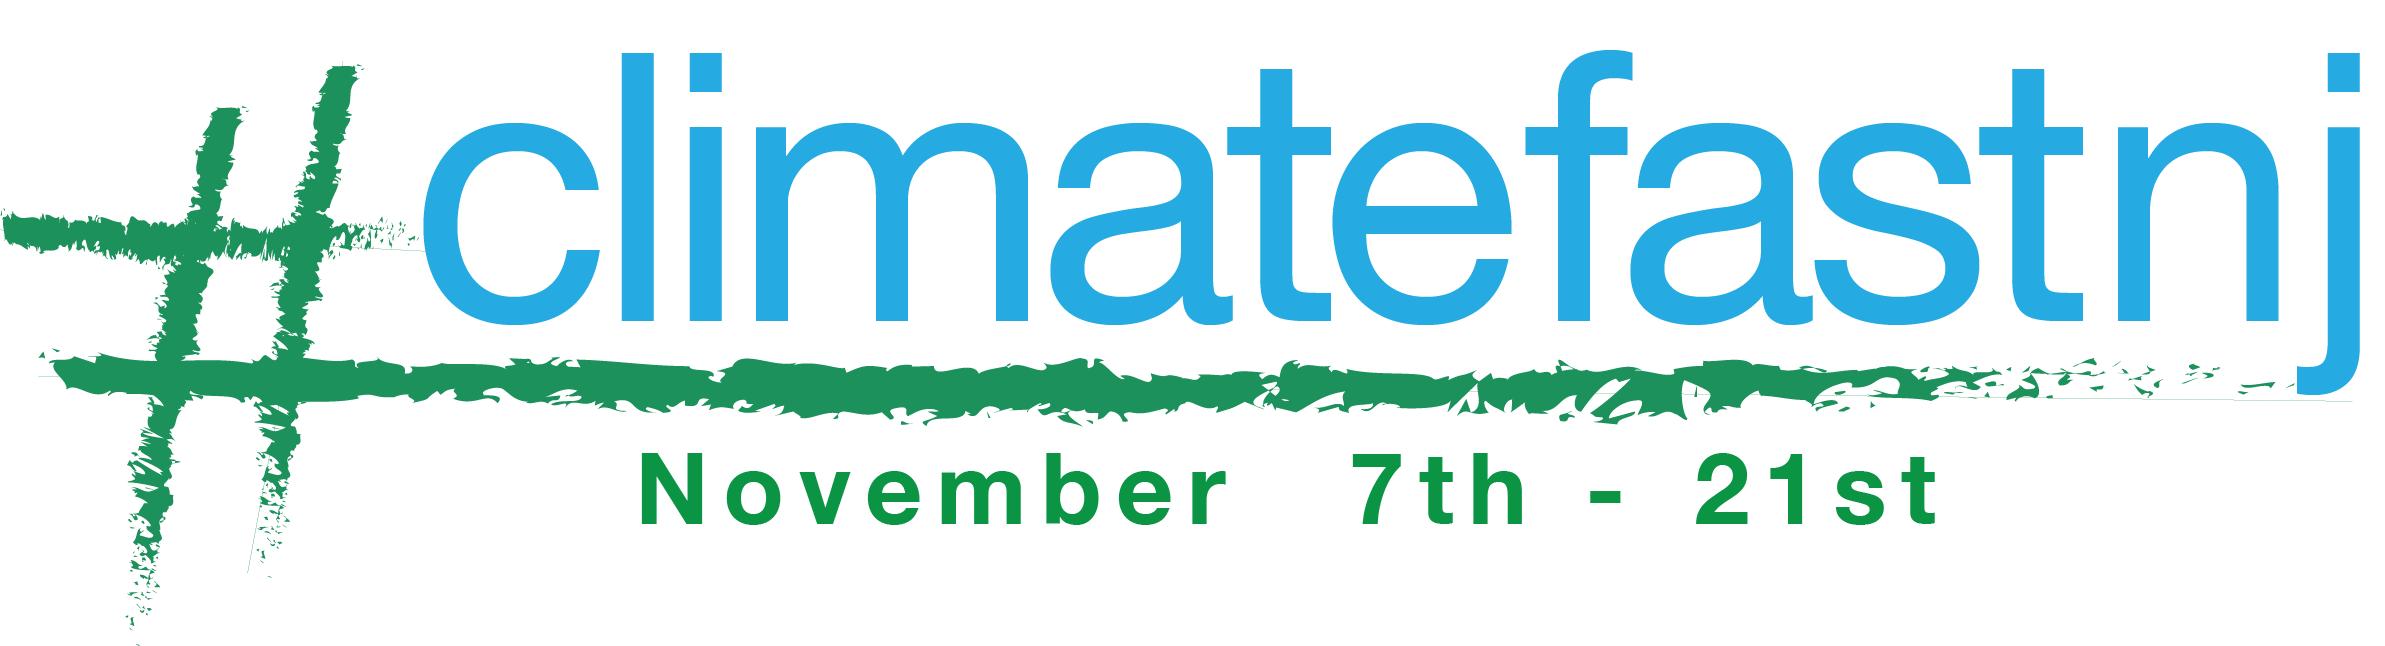 ClimateFast# (1).png